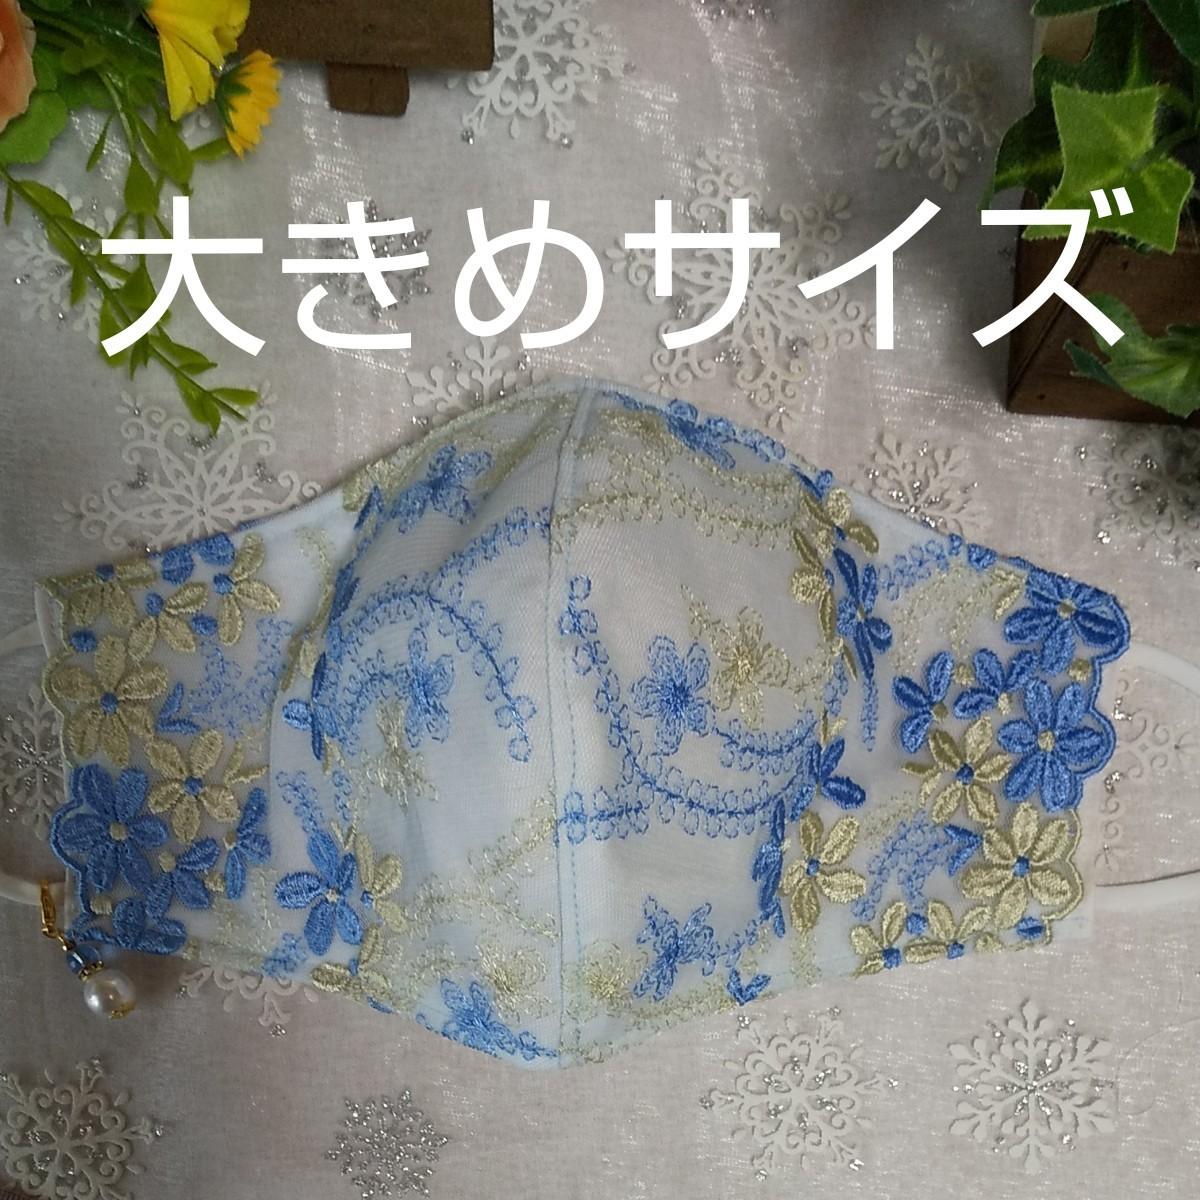 立体インナーハンドメイド、綿ガーゼ、チュール刺繍レース(水色×ブルー×イエローレース)大きめサイズ、アジャスター付、チャーム付